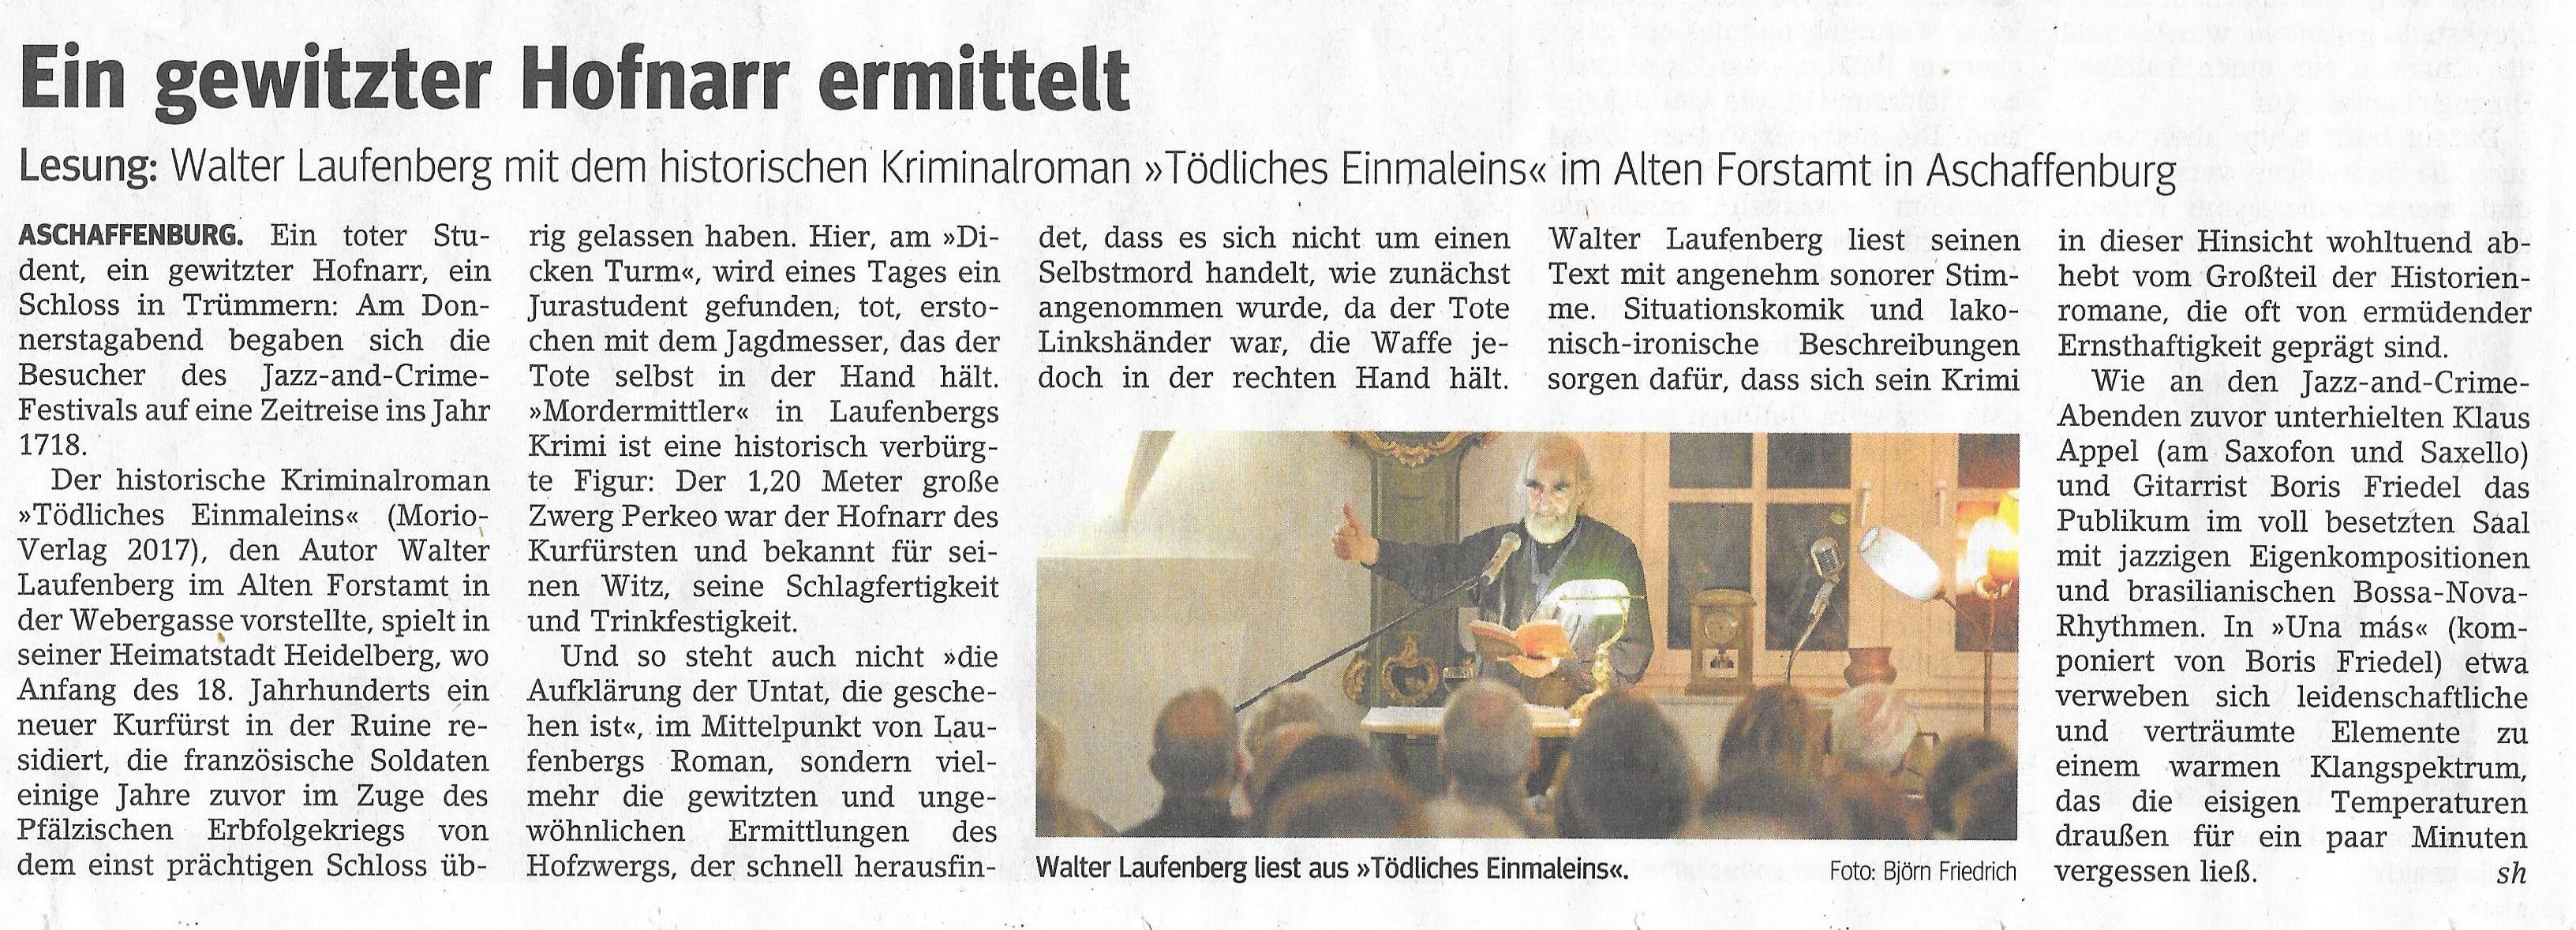 Aschaffenburg-Presse